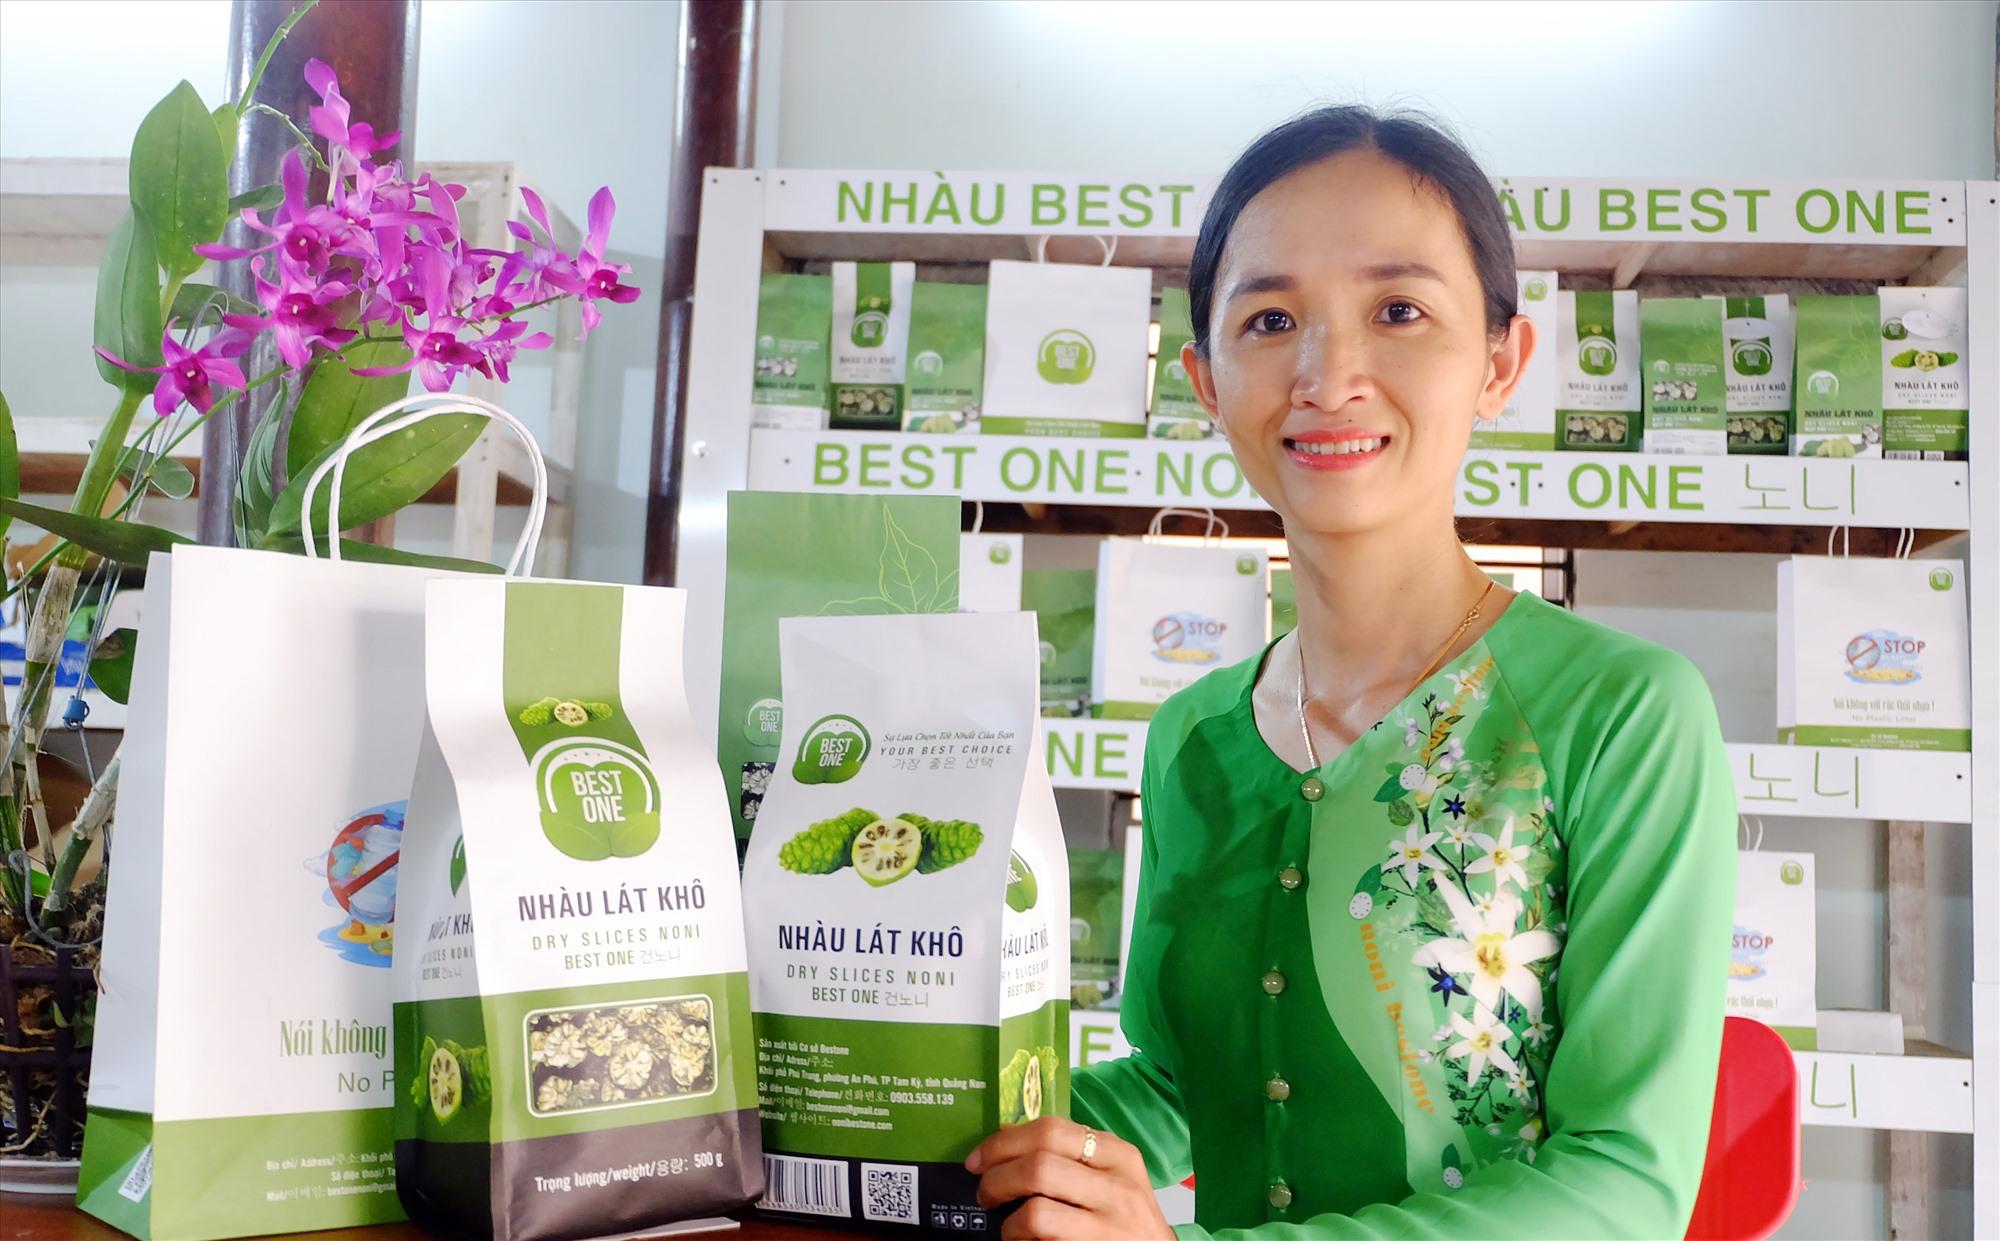 Chị Bùi Thị Tuyết Nhung với những sản phẩm từ quả nhàu. Ảnh: M.L